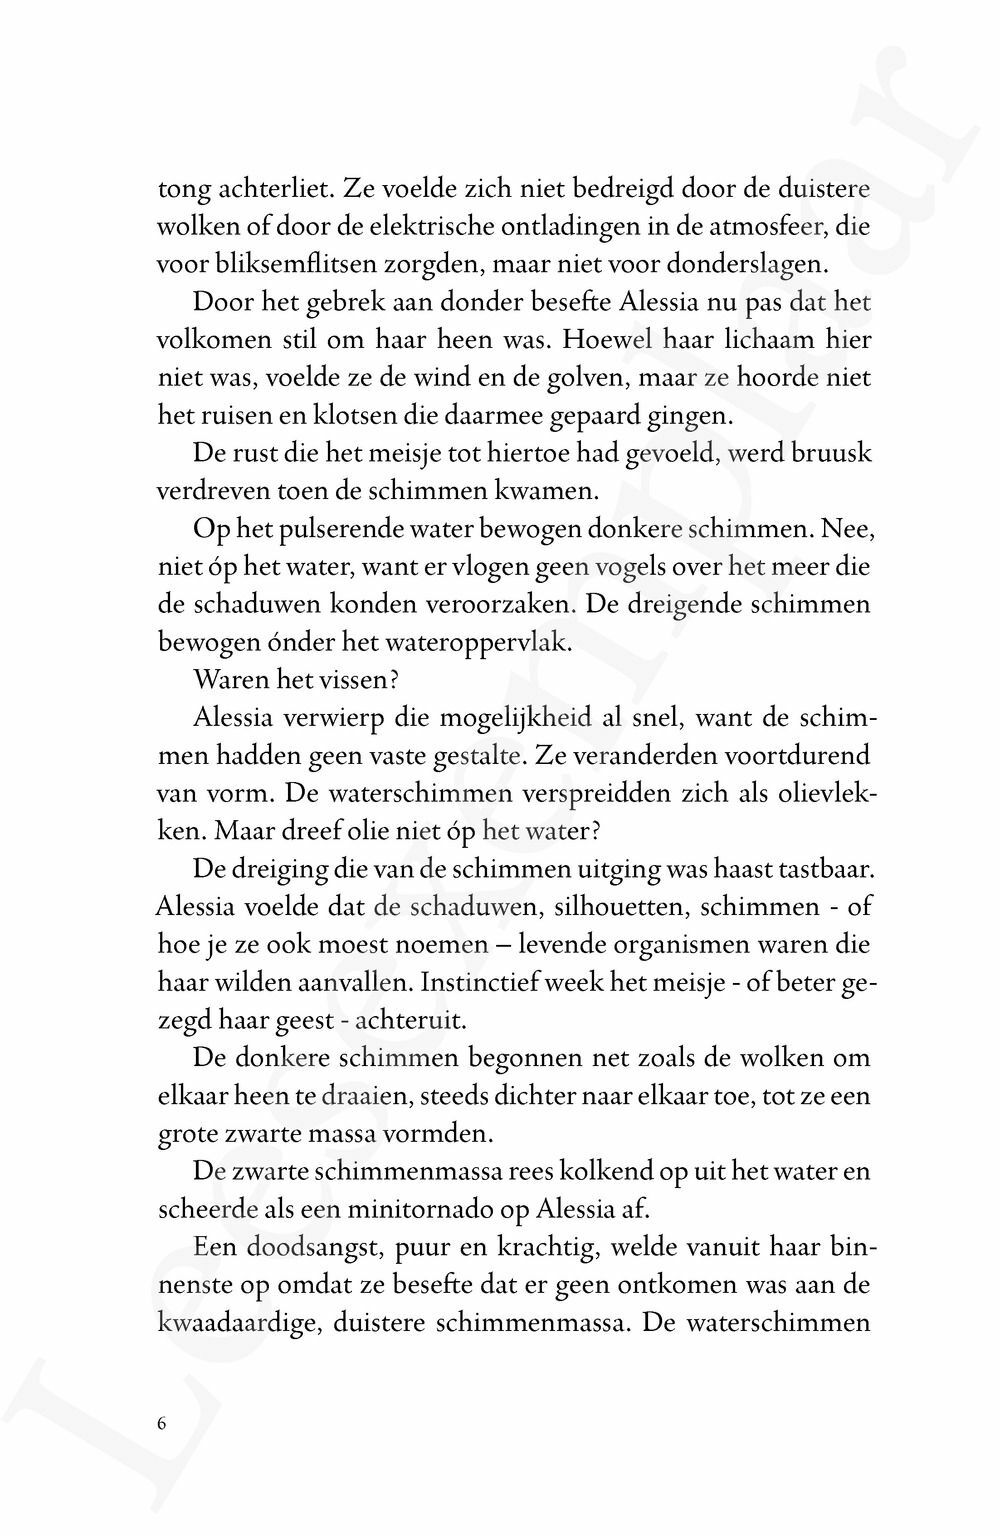 Preview: De tweeling mysteries: Waterschimmen